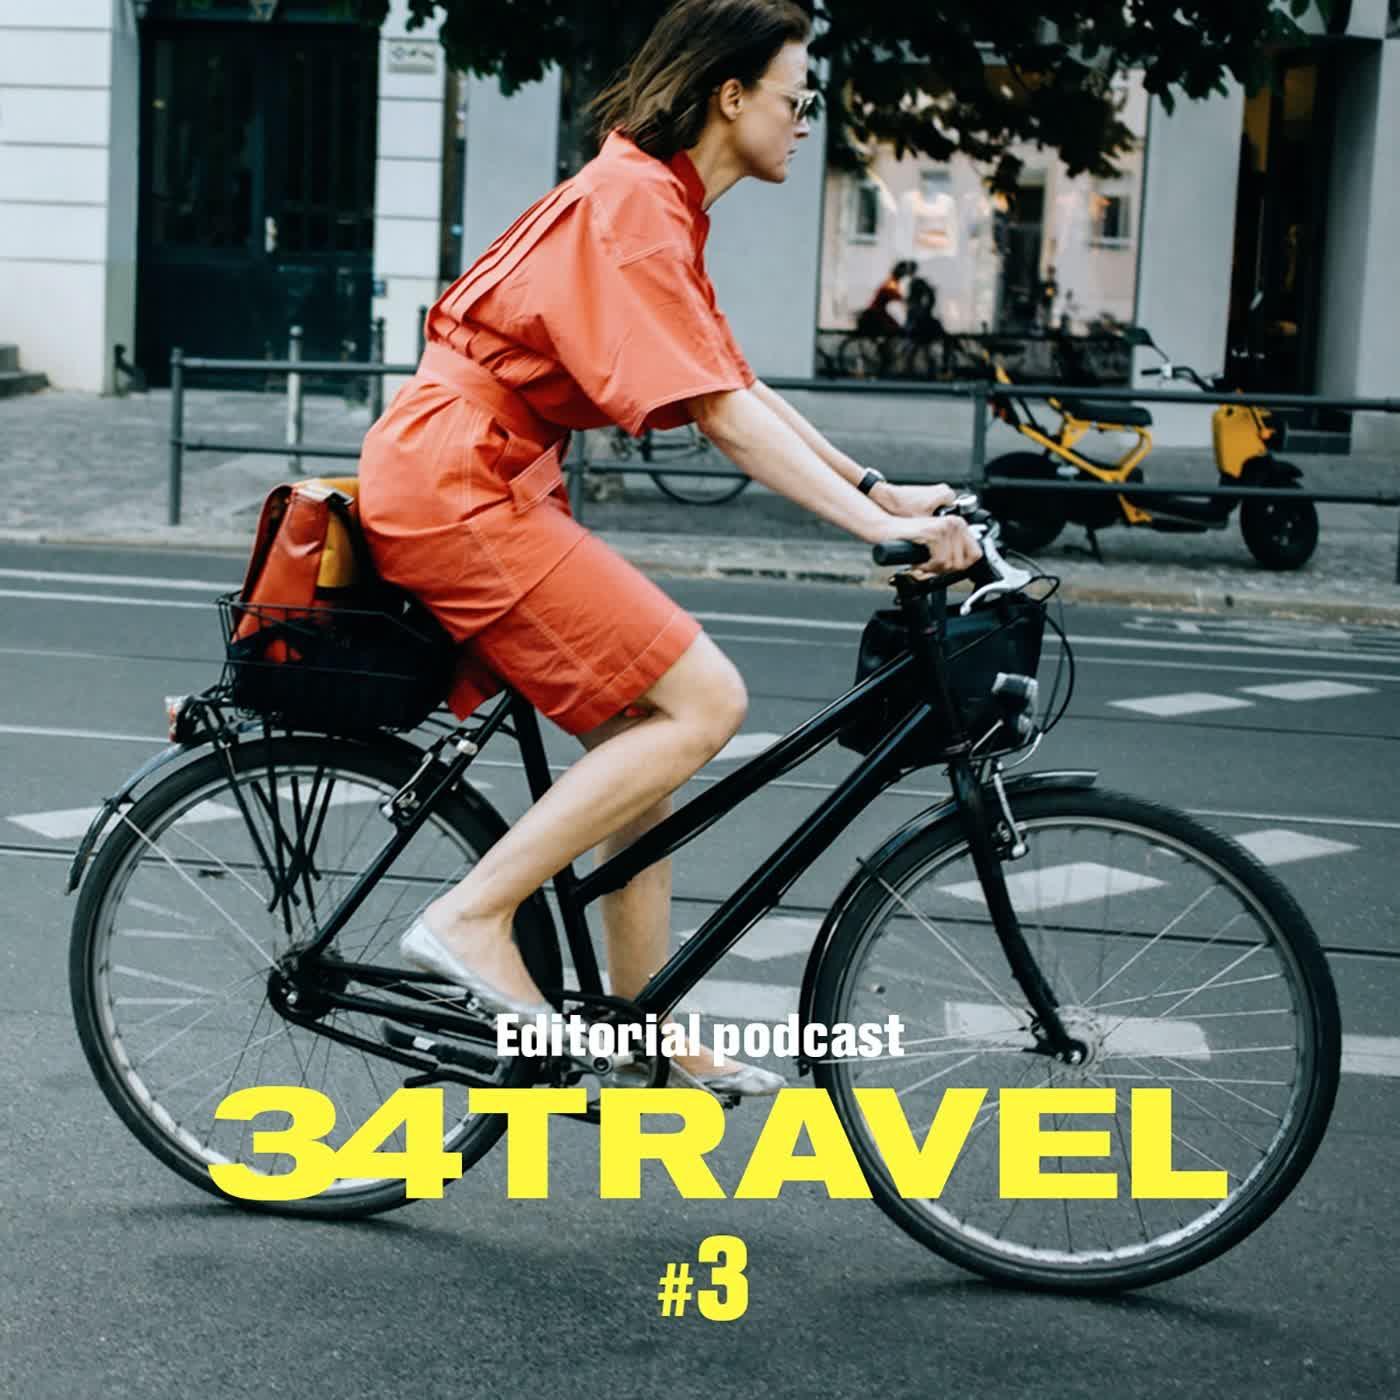 34travel Editorial Podcast #3: Как делать журнал о путешествиях?